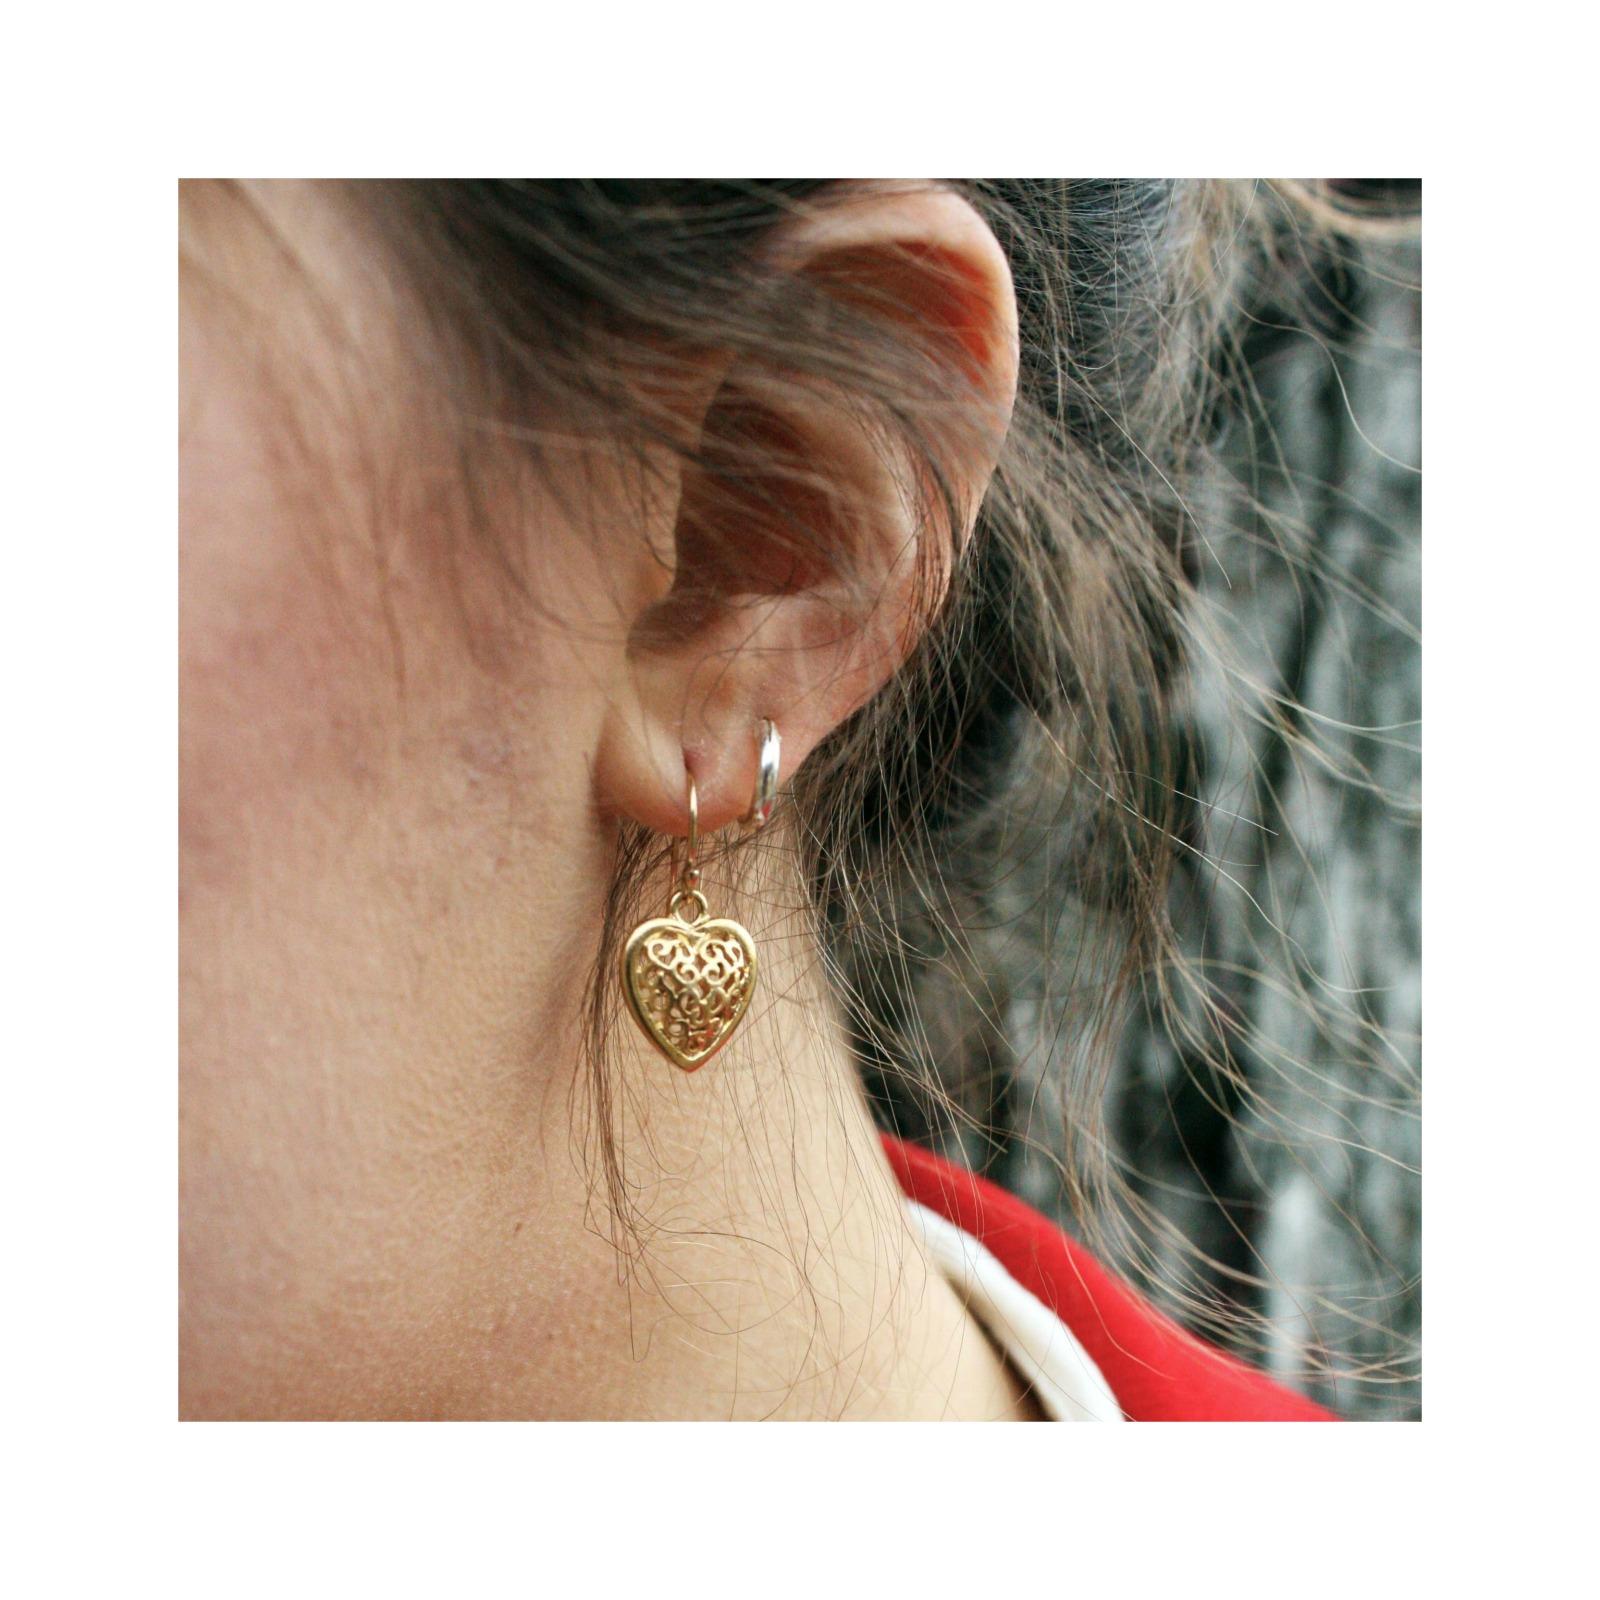 Gold heart earrings on model